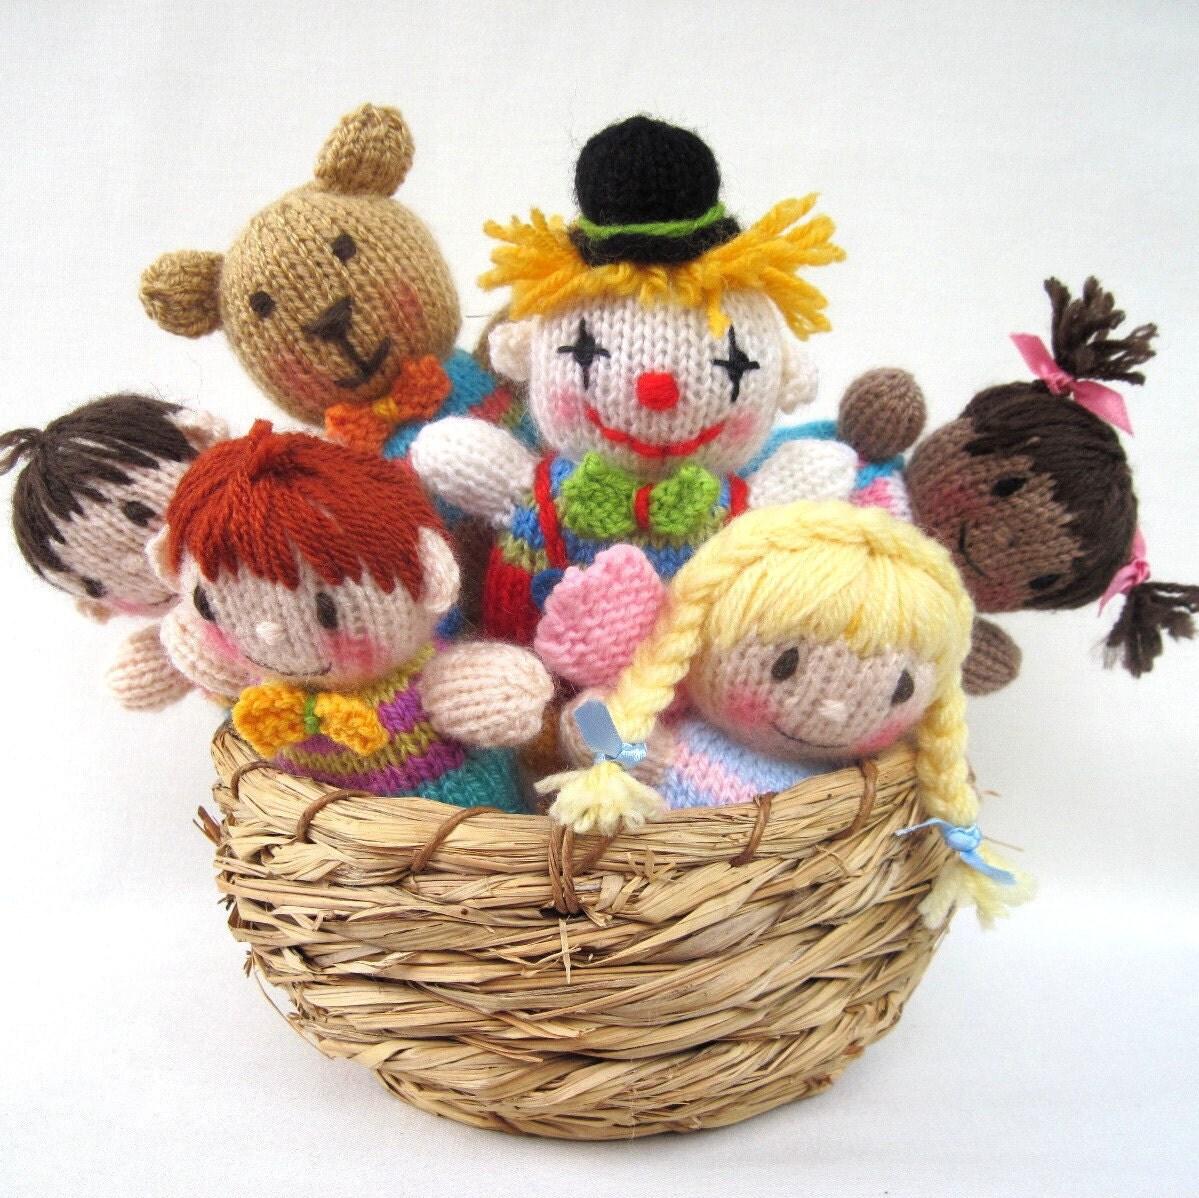 Toyshelf Tots - اسباب بازی دختران، پسران، پری، دلقک، خرس عروسکی - ایمیل الگوی PDF بافندگی